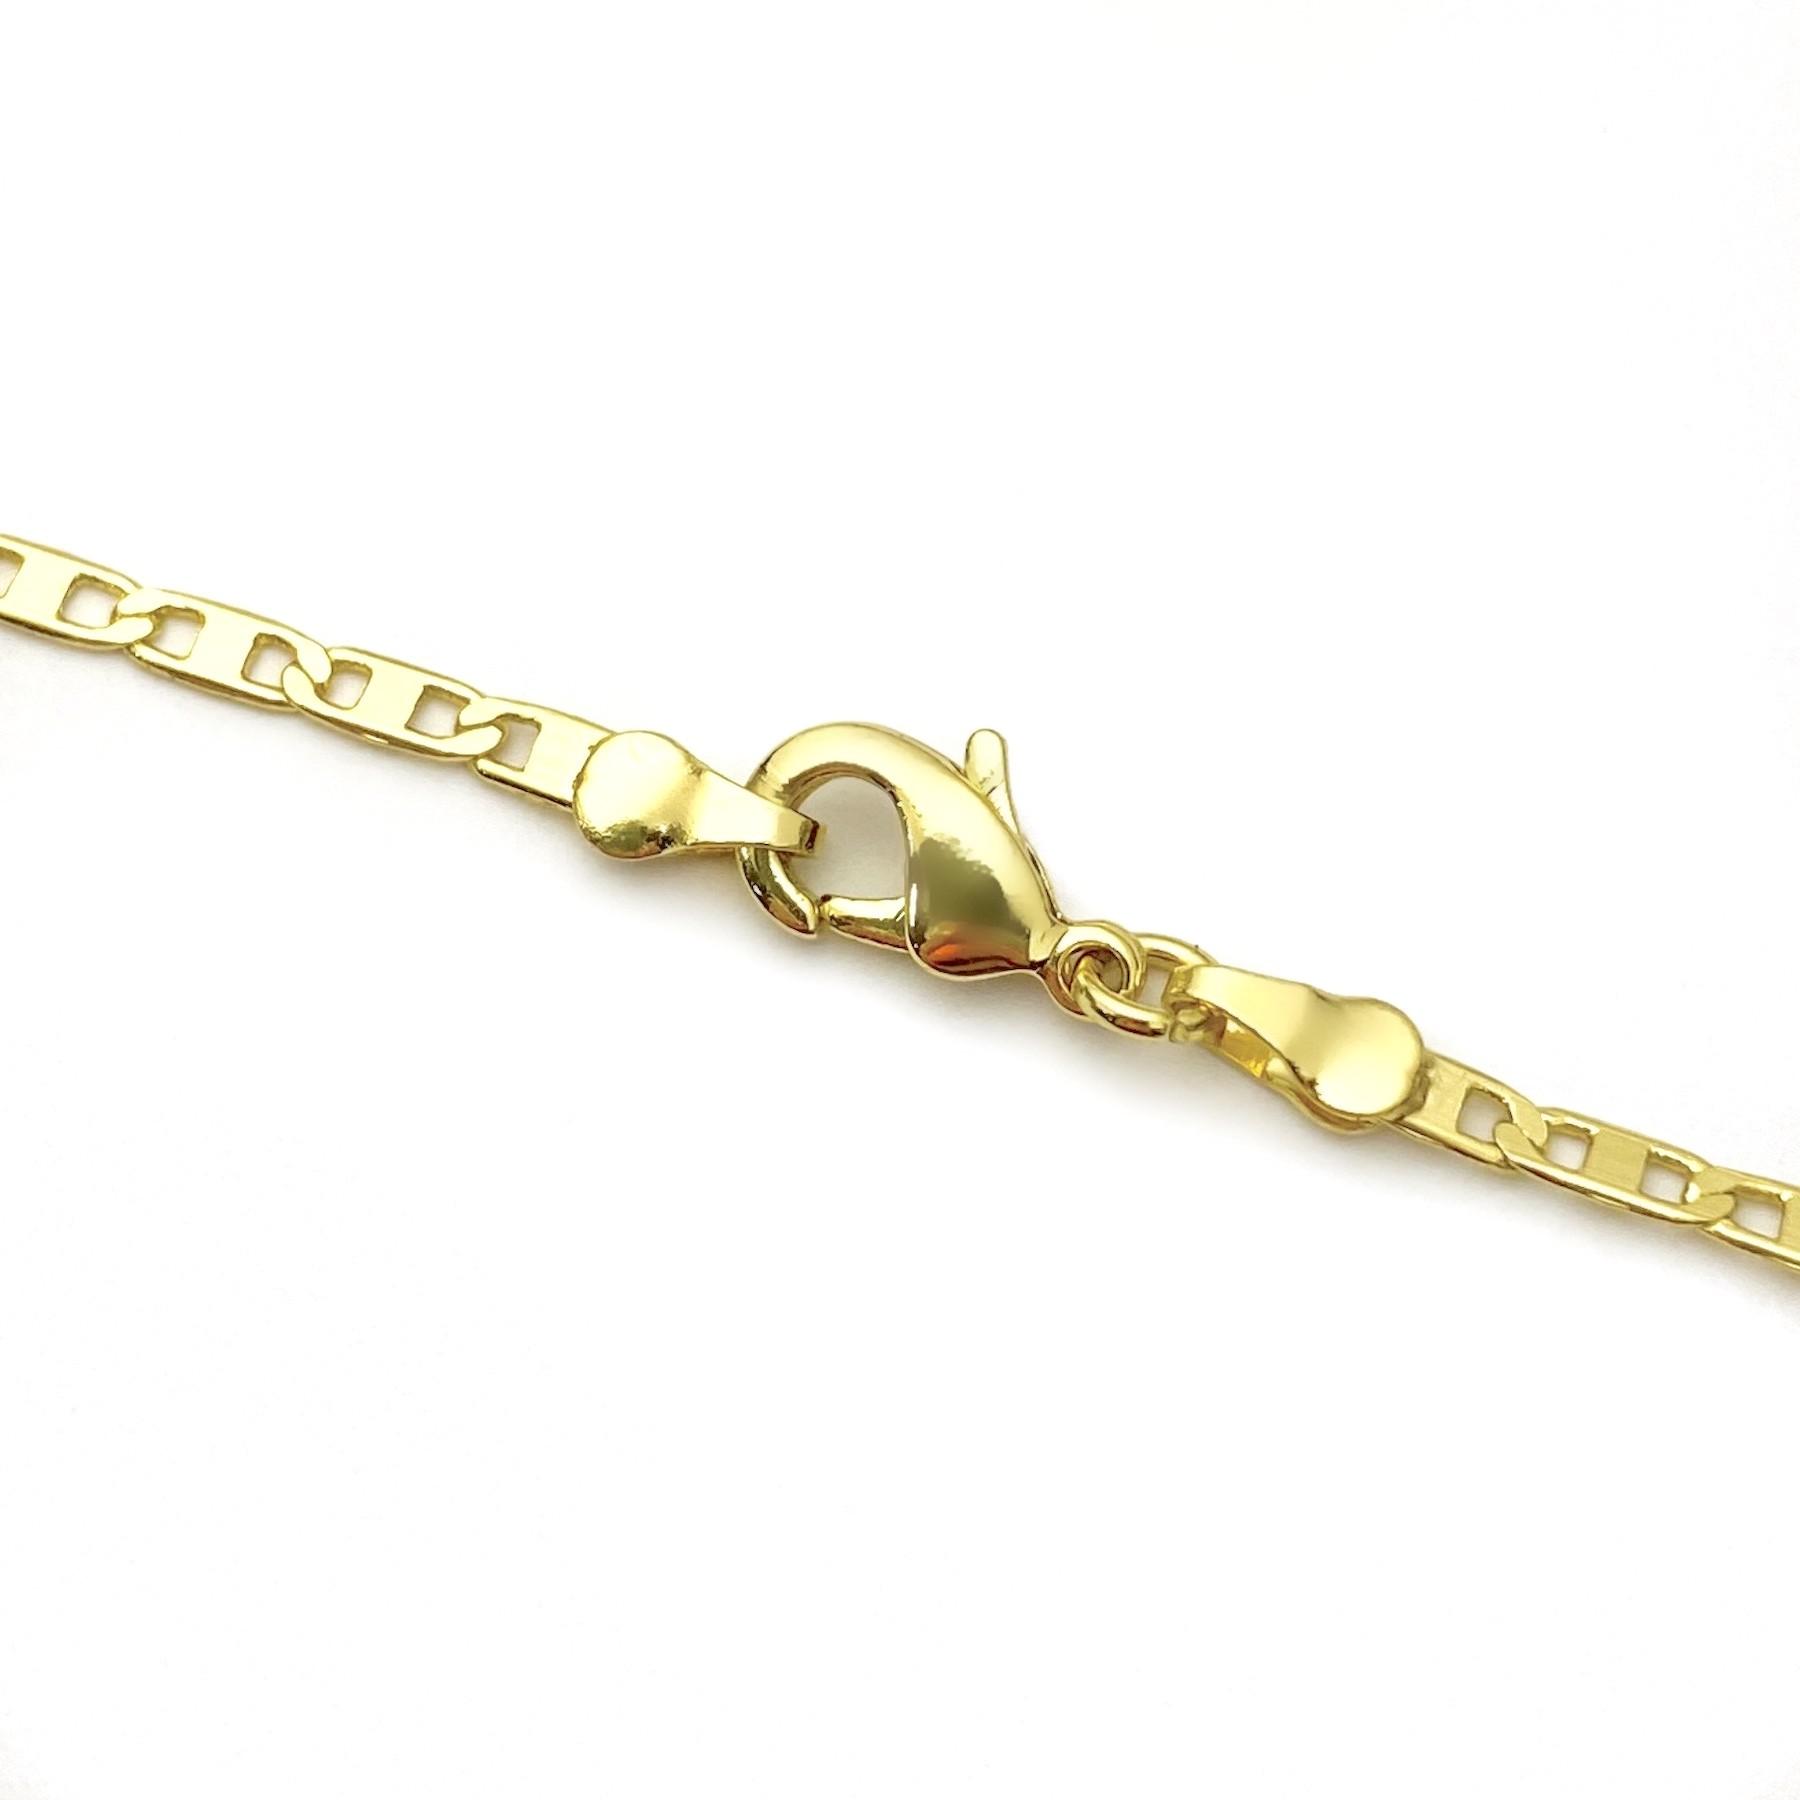 Corrente Piastrine 2mm 60cm 4g (Fecho Mosquetão P) (Banho Ouro 24k)